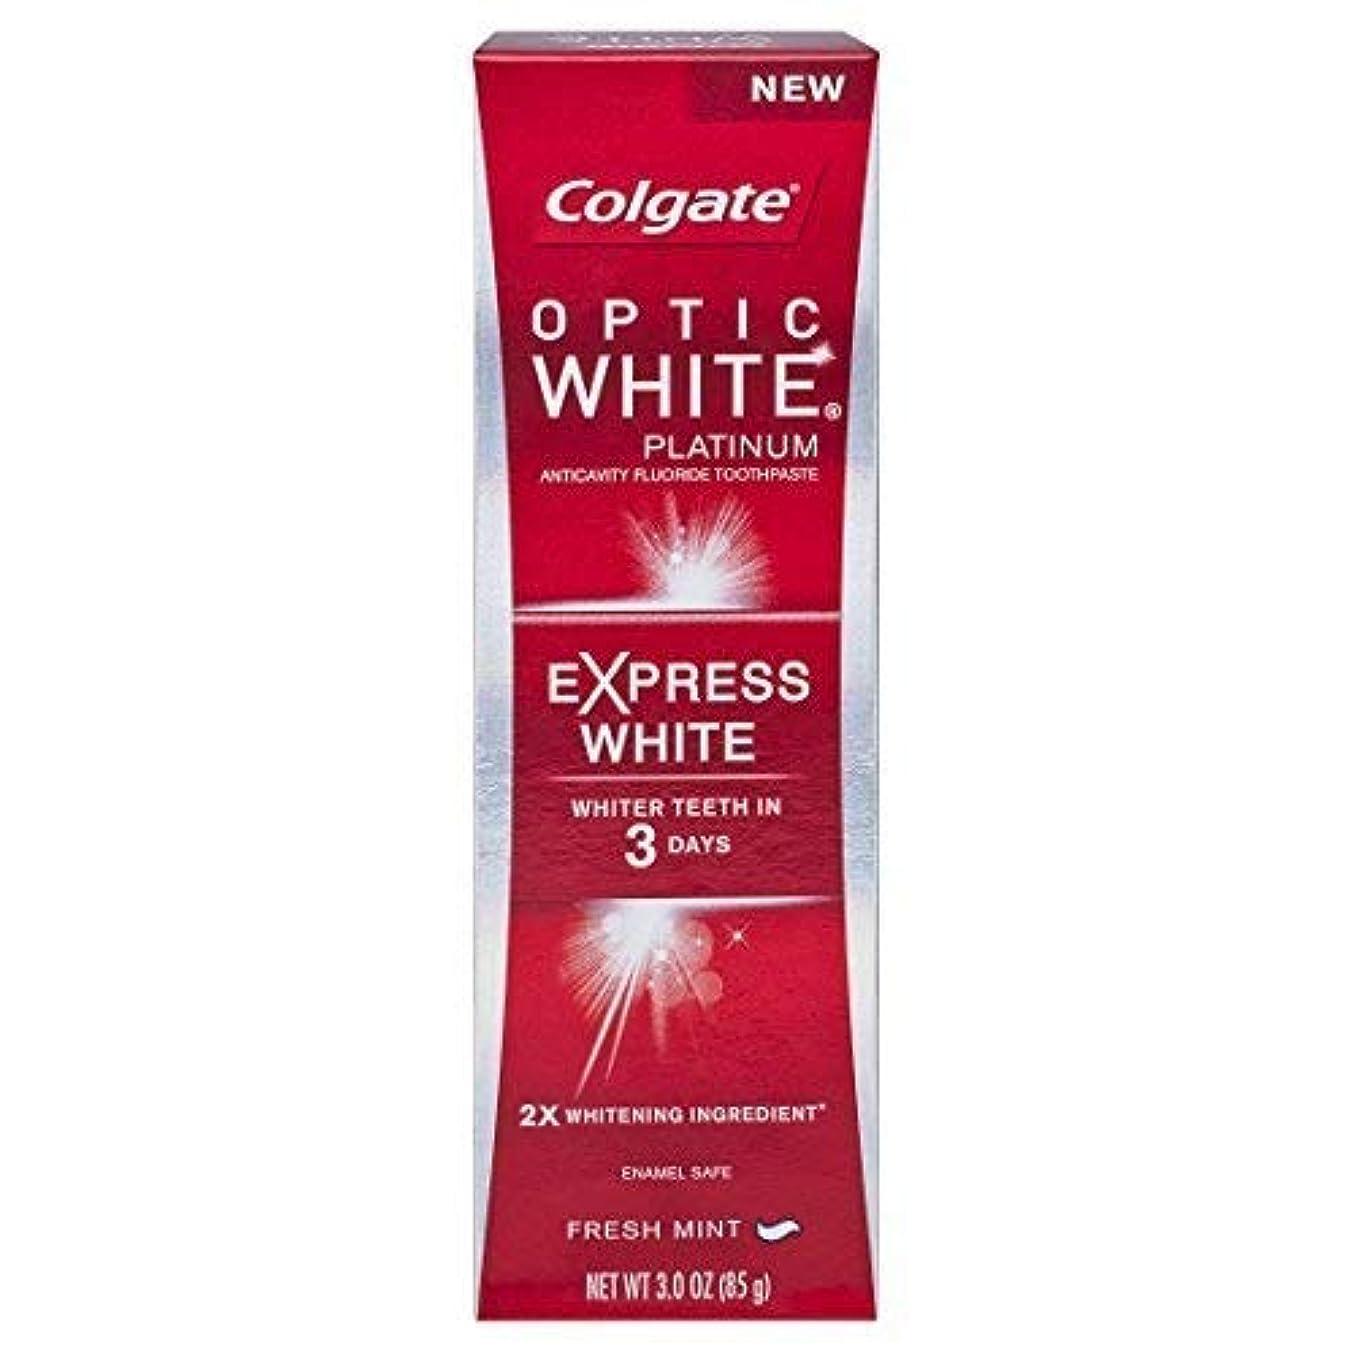 バドミントン変更野心2 個セット コルゲート 歯みがき粉 オプティック ホワイト 3Days エクスプレス ホワイト